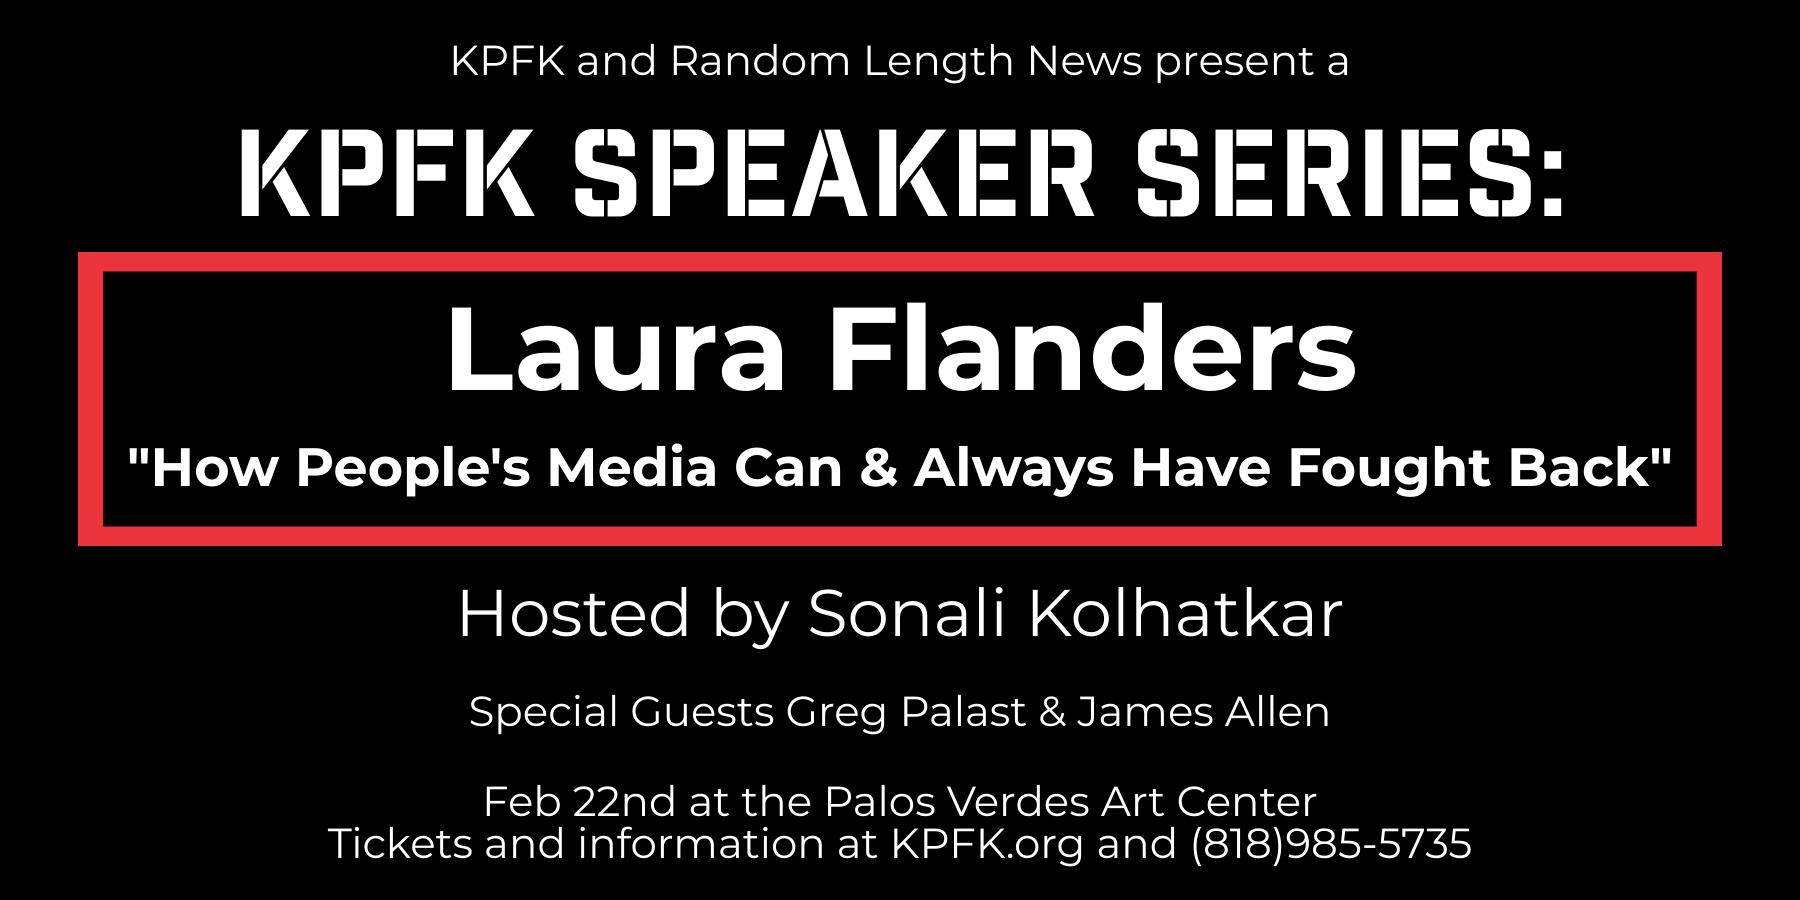 Laura Flanders- KPFK Speaker Series